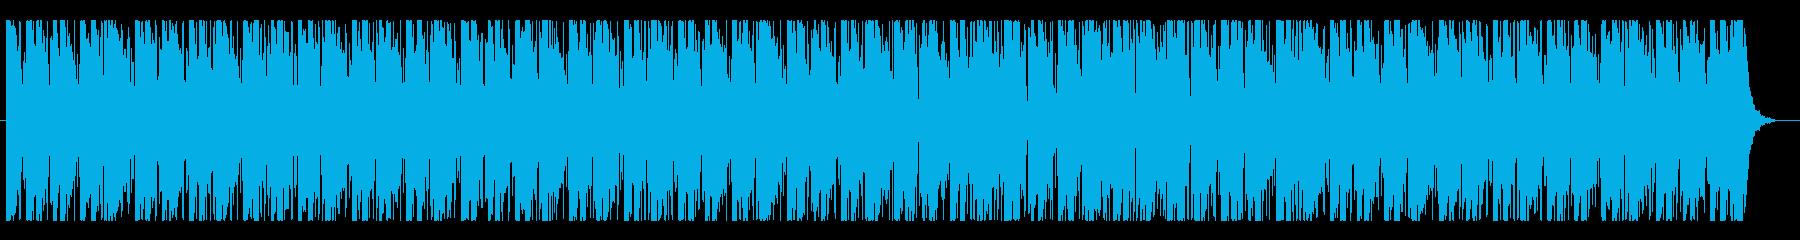 夏の終わり 切ないキラキラ系エモビートの再生済みの波形